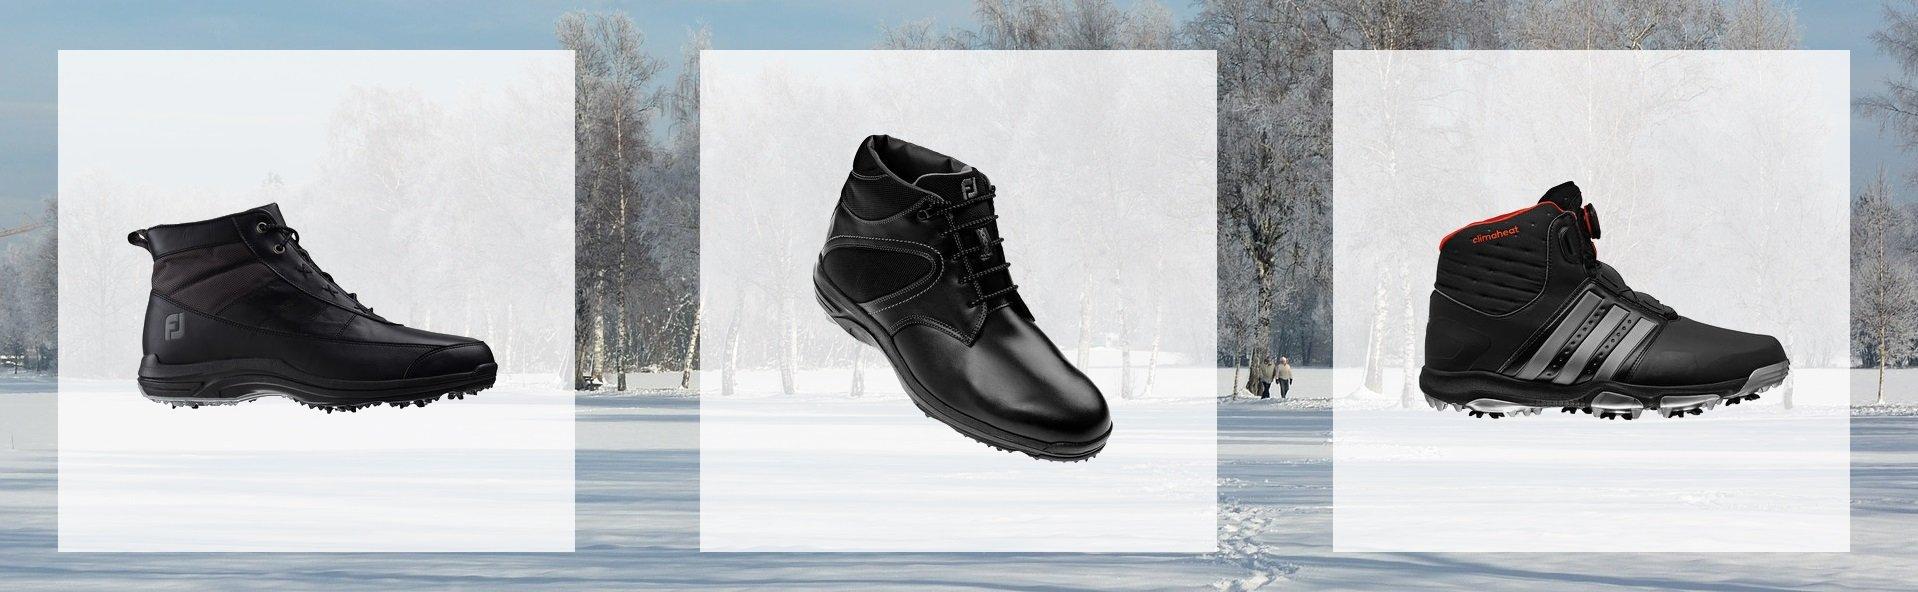 golfschuhe winter - So vermeidest Du kalte Füße beim Golfen